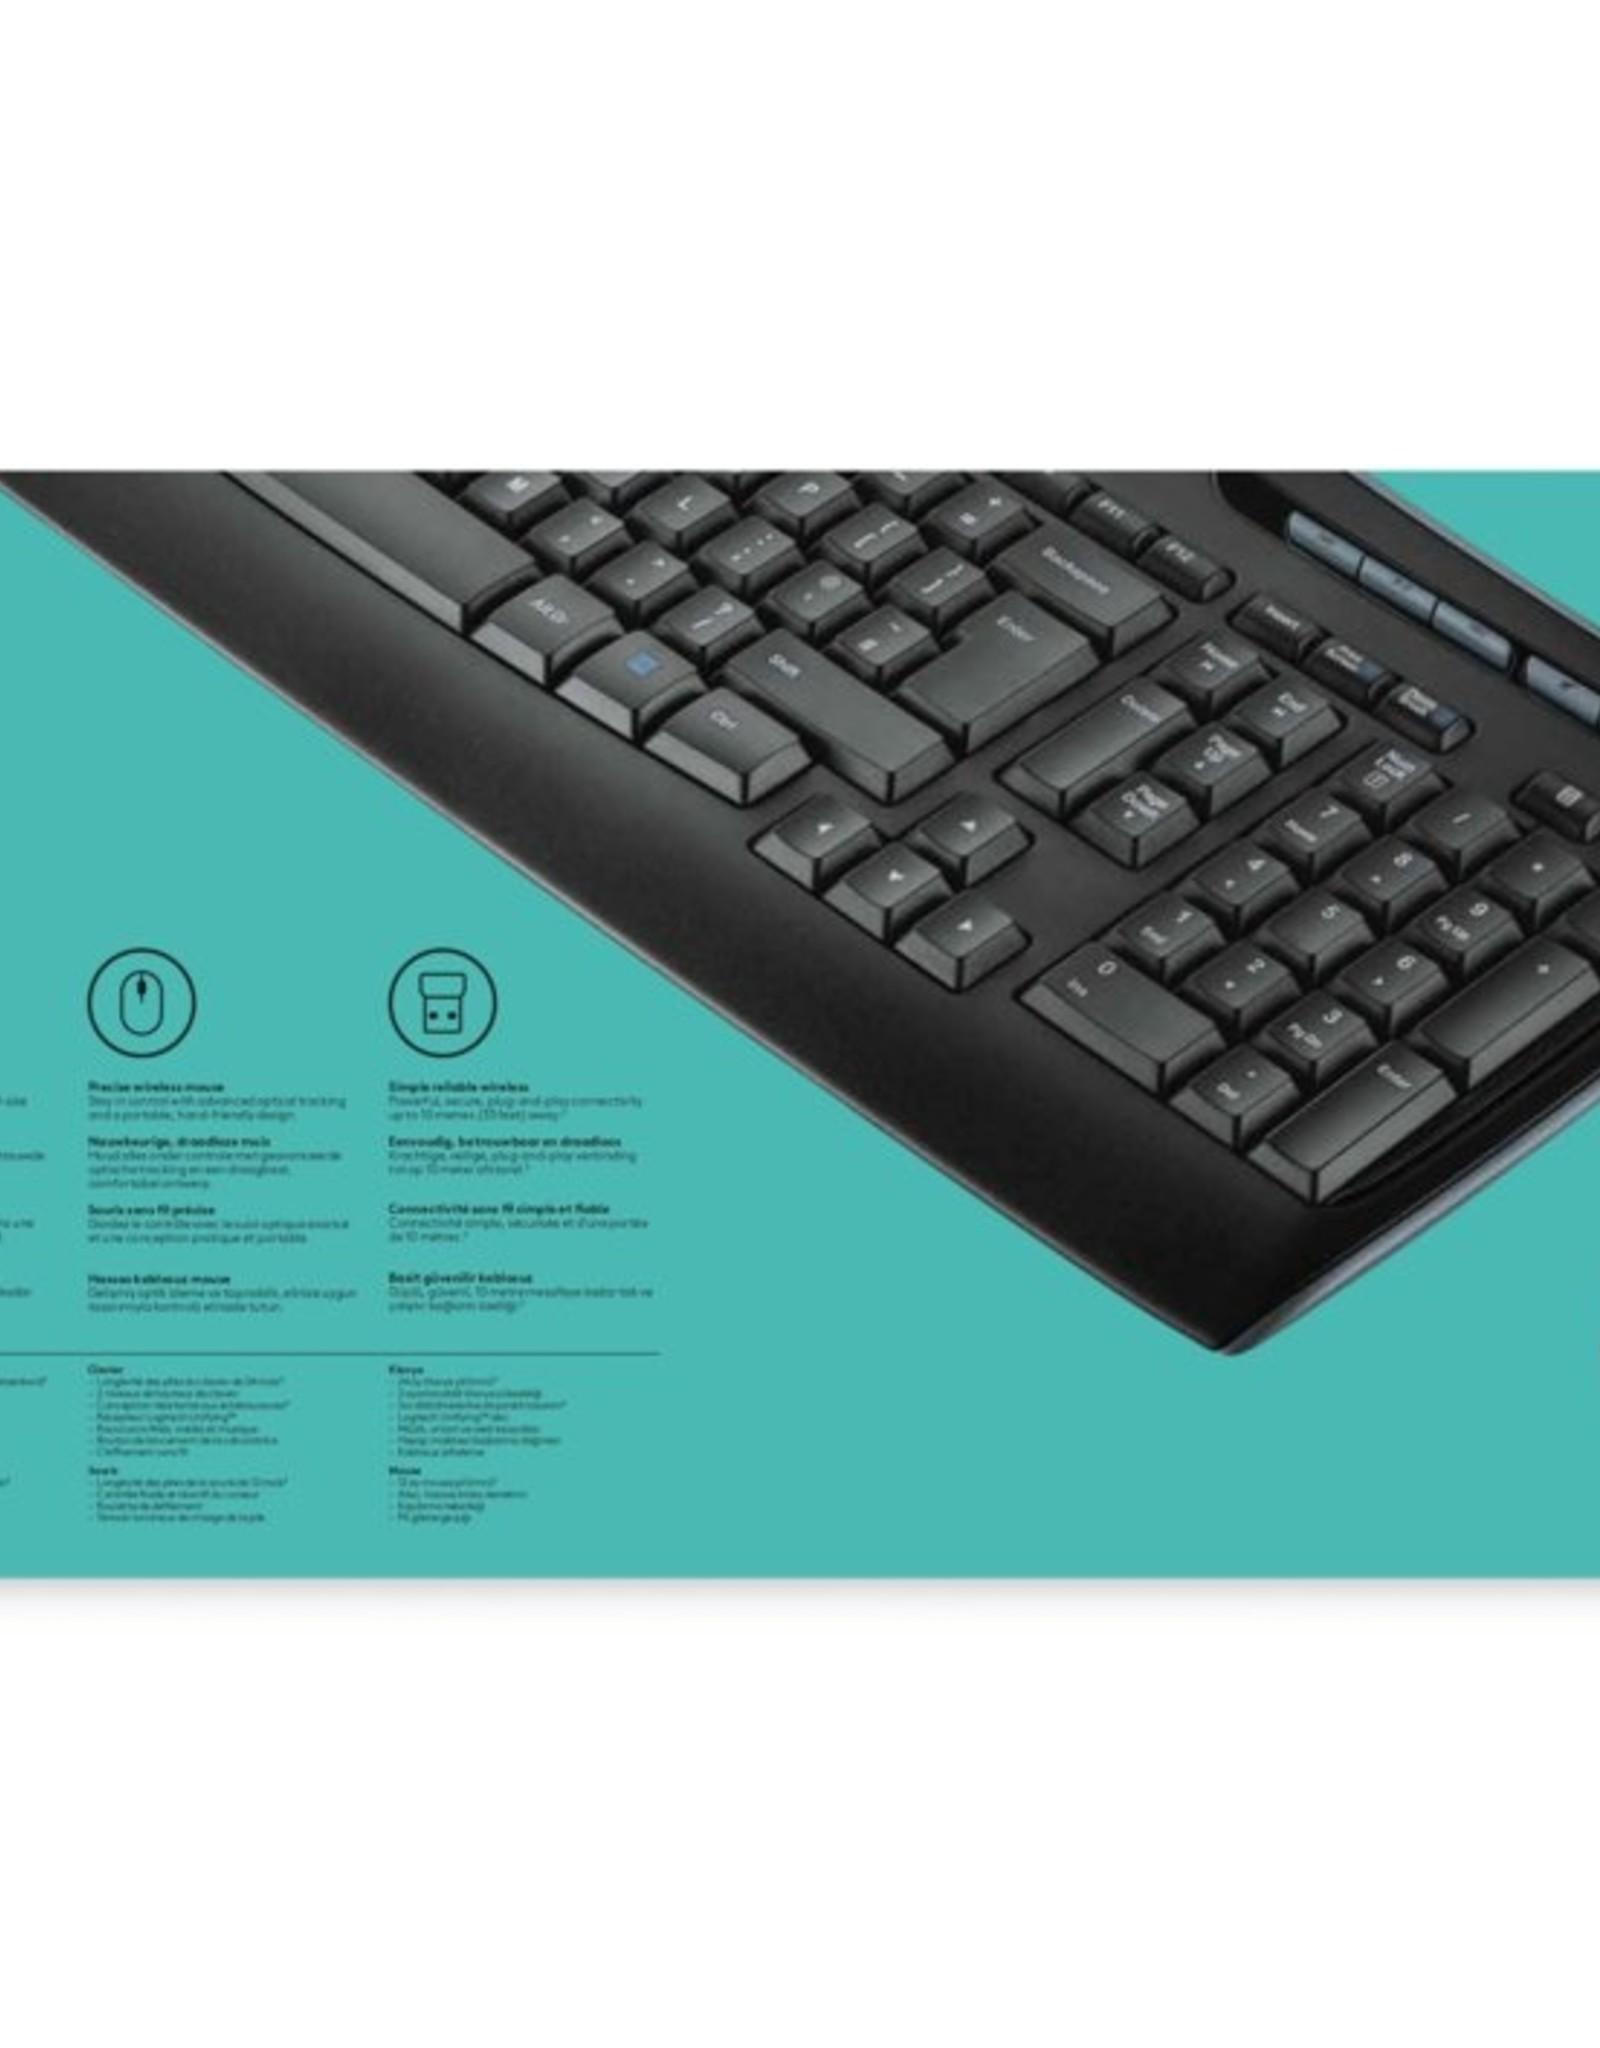 Ret. Wireless Combo Desktop MK330